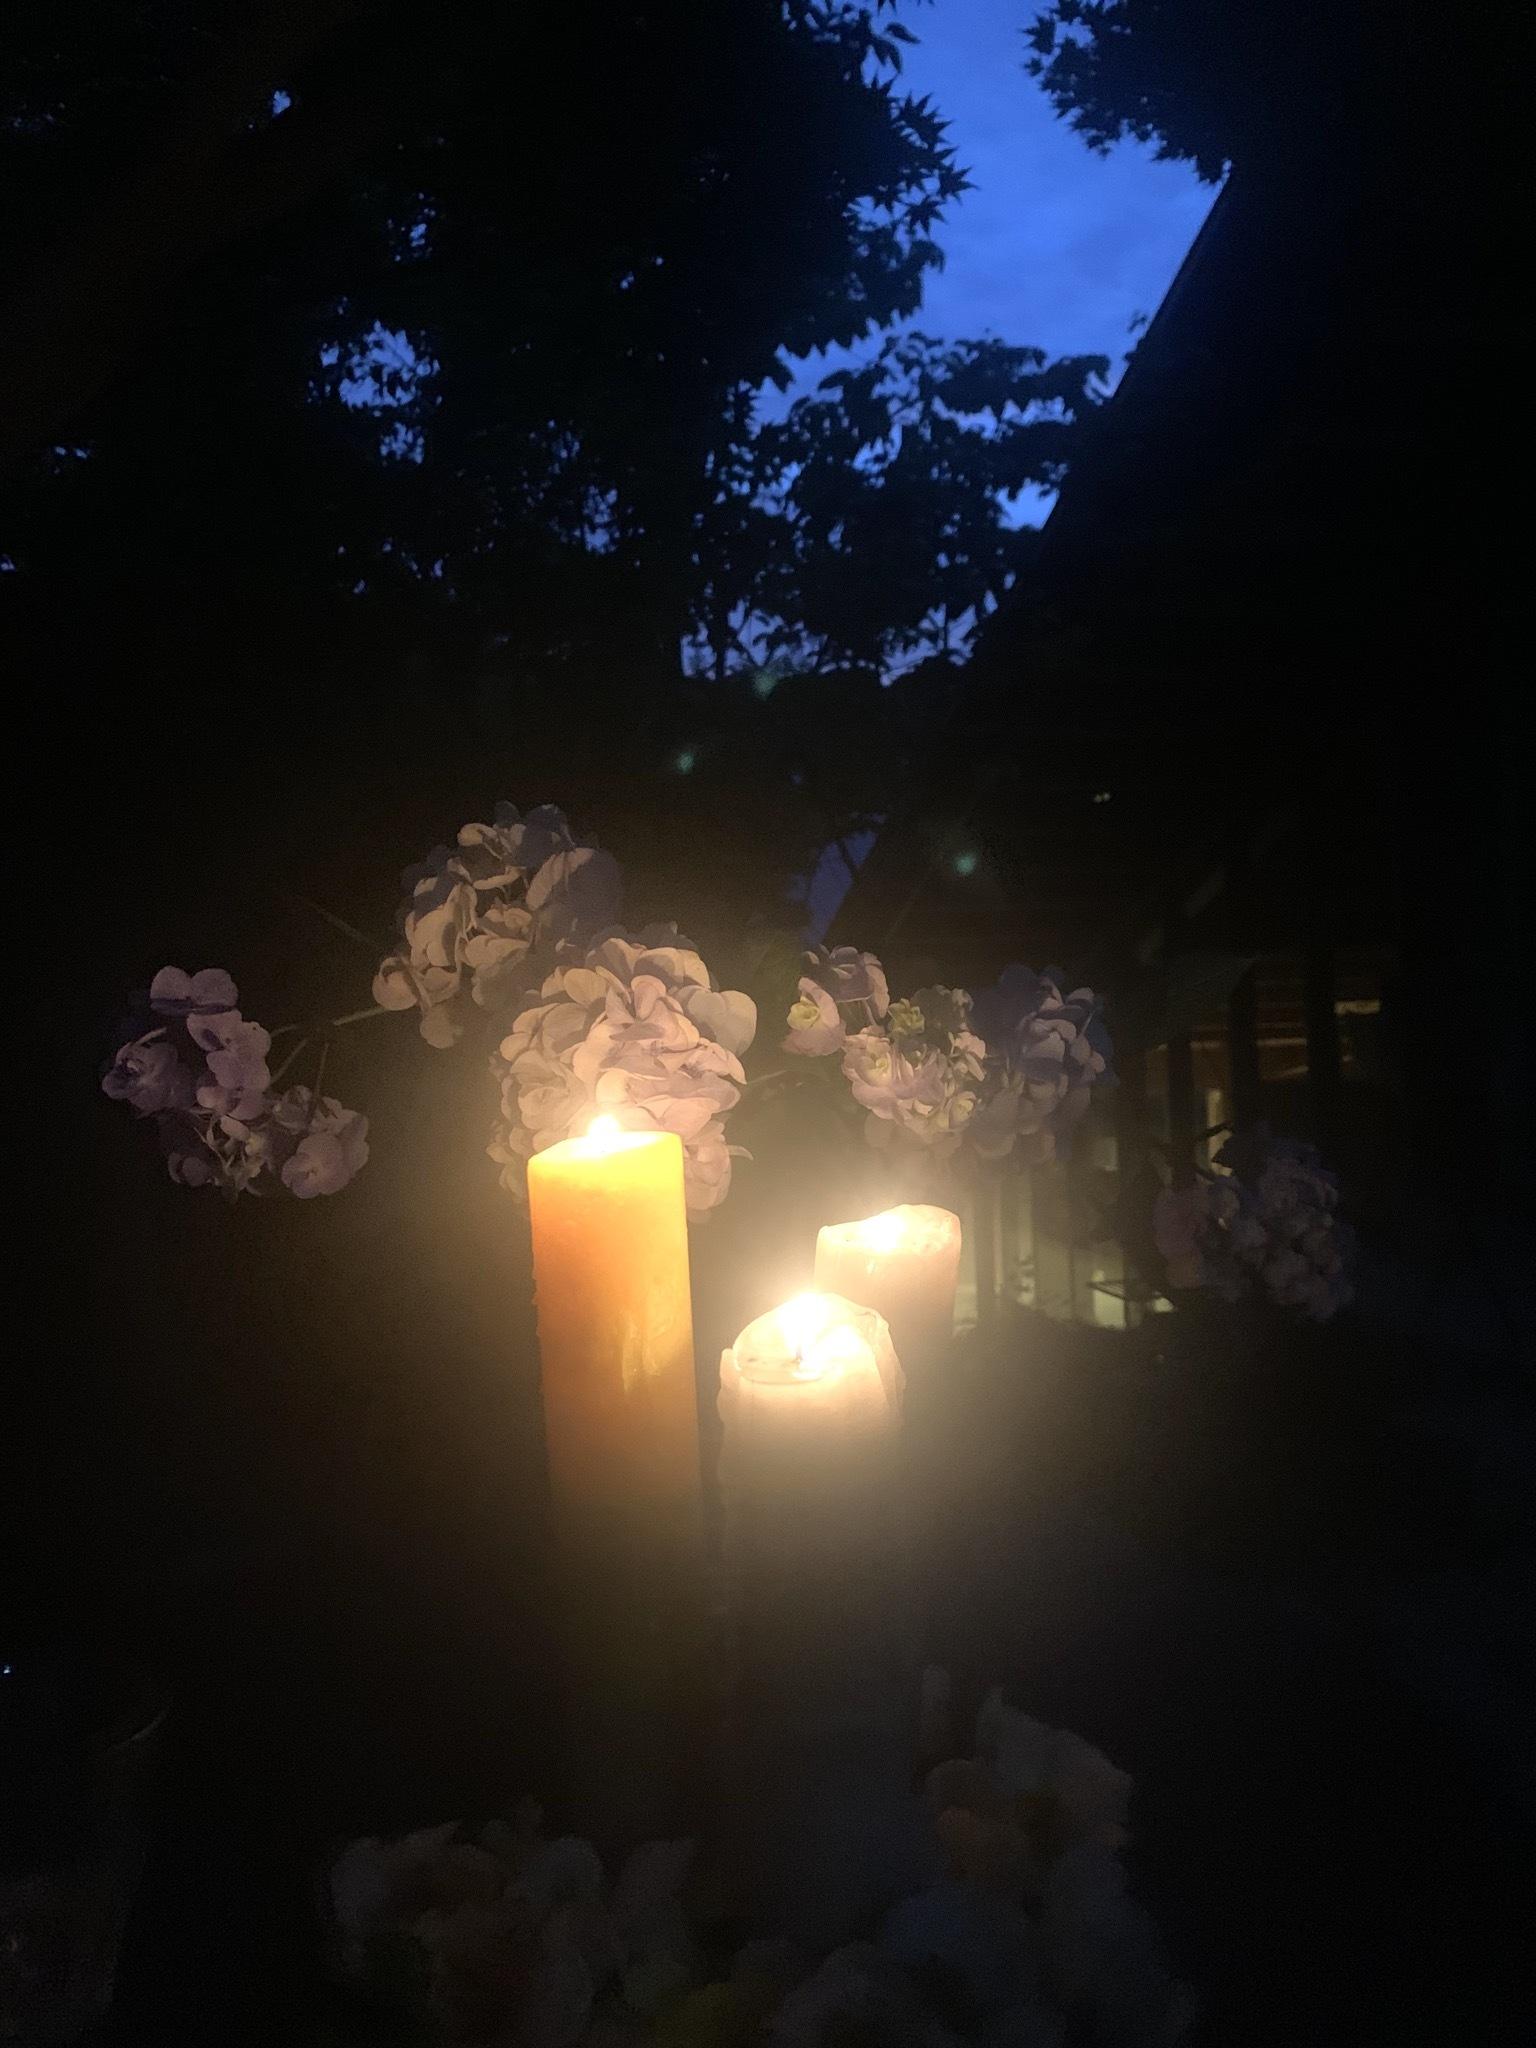 20210621 夏至の日沙羅双樹のお花とキャンドルナイト_d0145345_20372947.jpeg